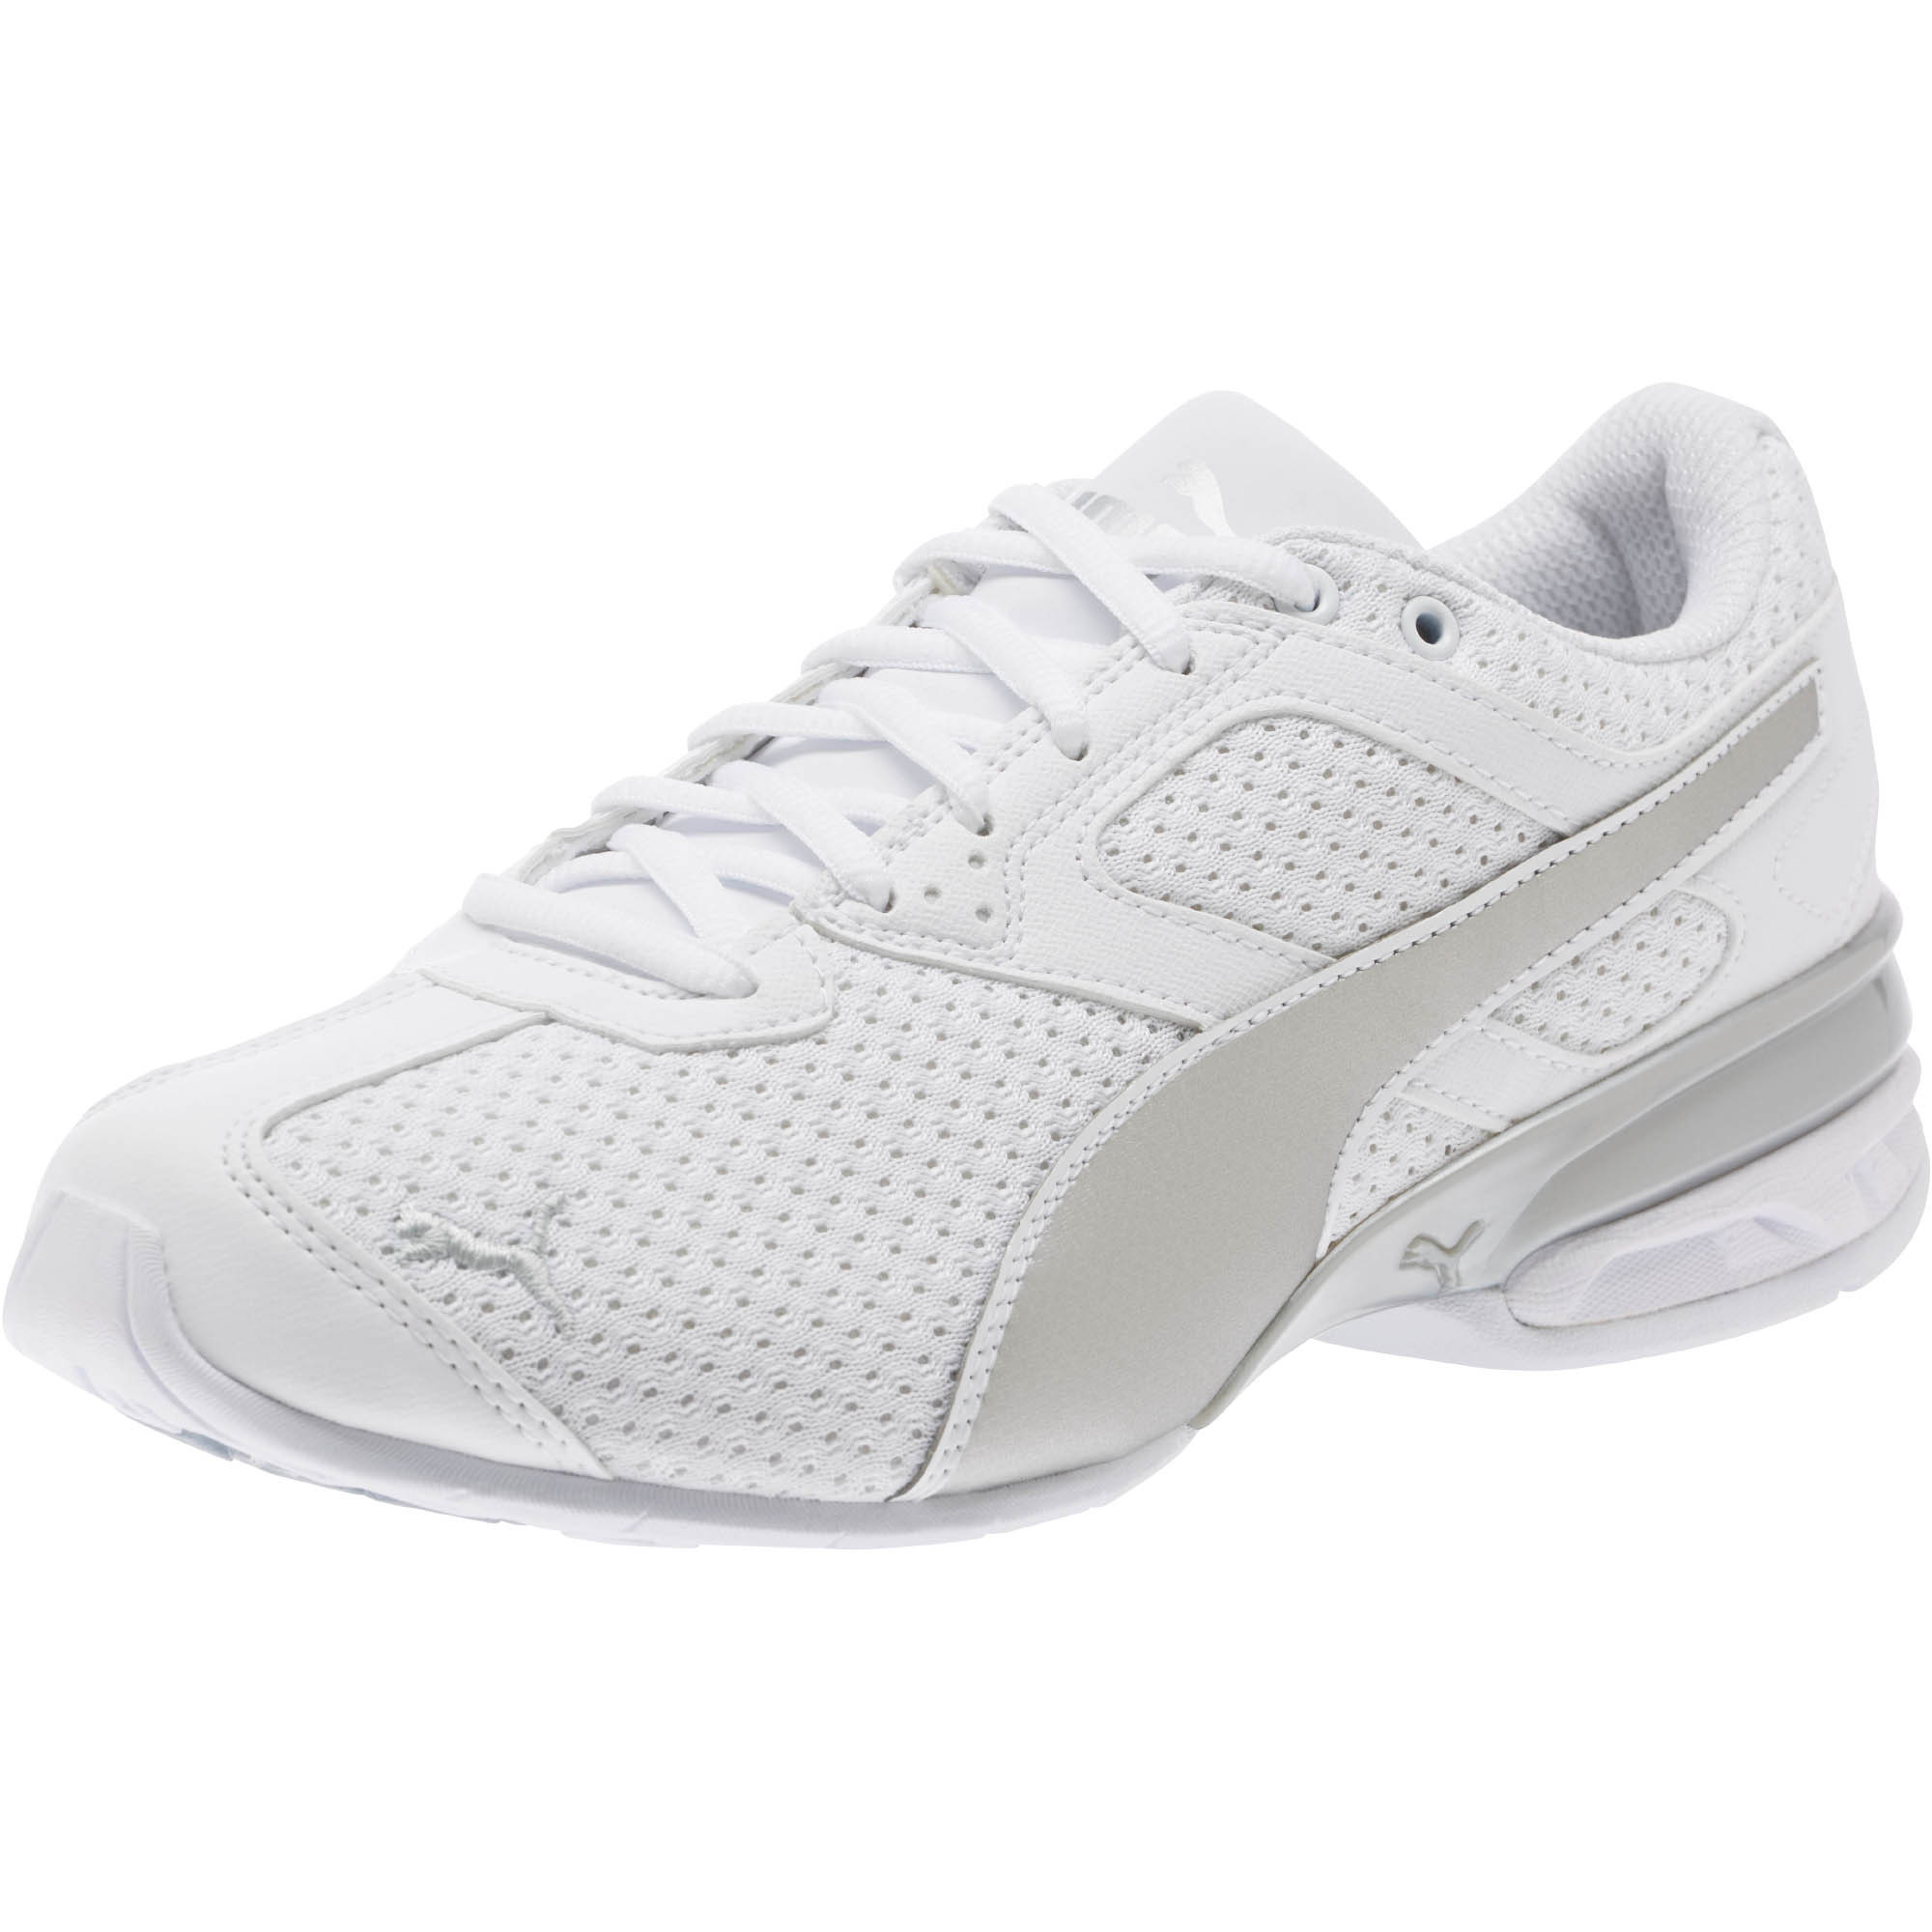 PUMA-Tazon-6-Knit-Women-s-Sneakers-Women-Shoe-Running thumbnail 4